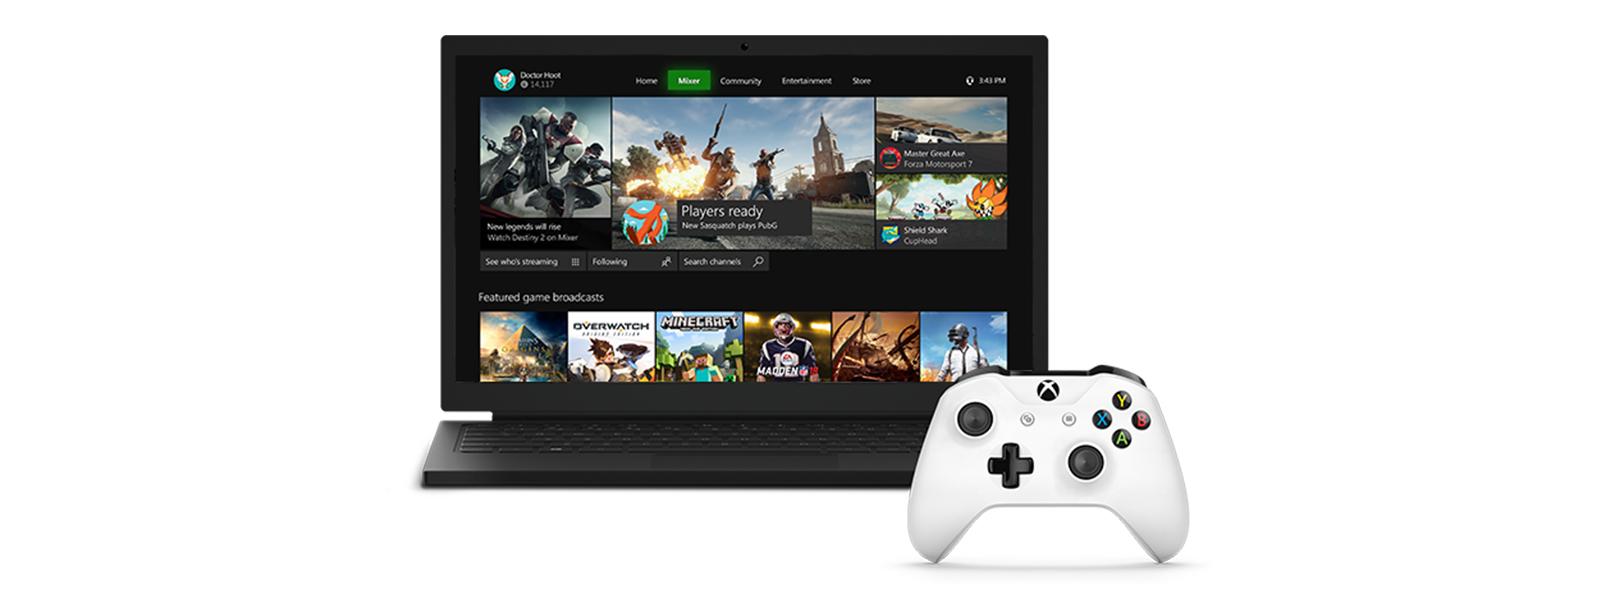 Nouvelle interface Mixer pour les jeux Windows 10